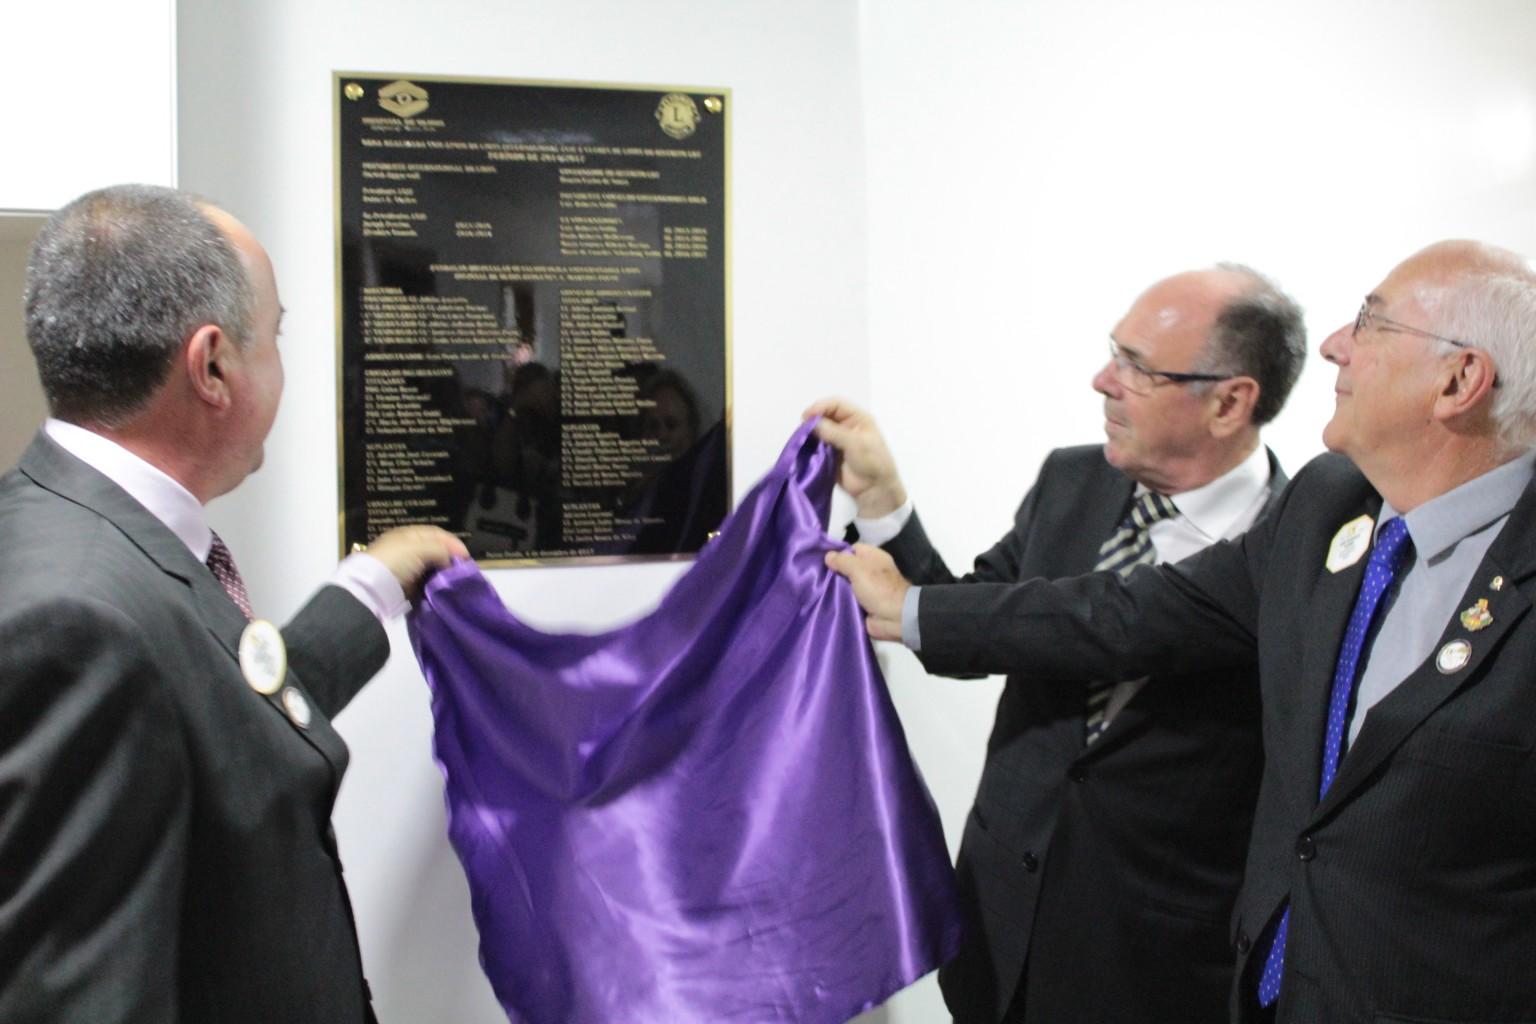 Hospital de Olhos inaugura novas instalações reforçando o compromisso com a saúde da visão